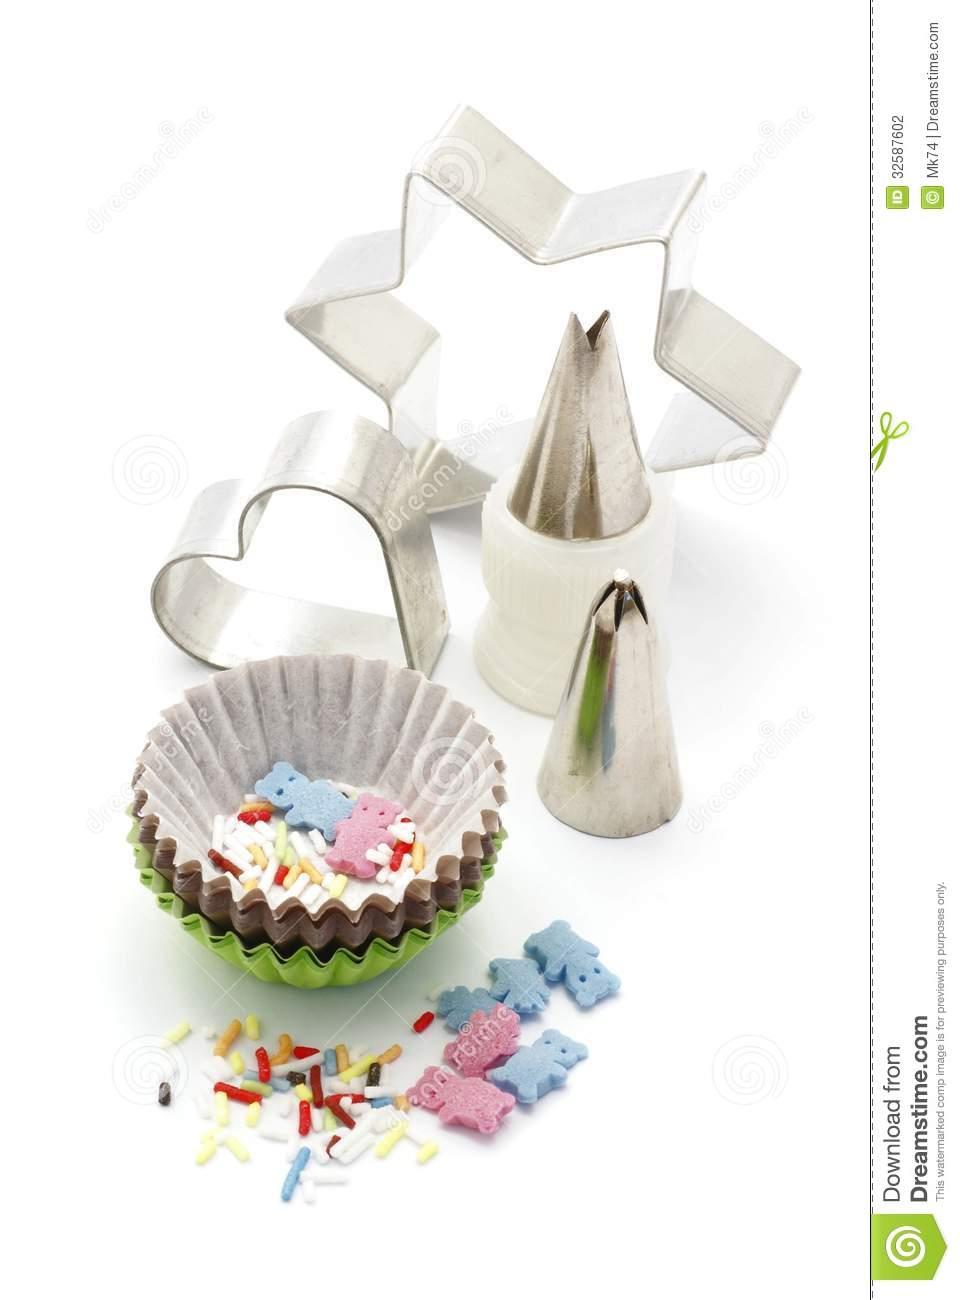 Cake Art Bakery Supplies : Baking Equipment Clipart - Clipart Suggest